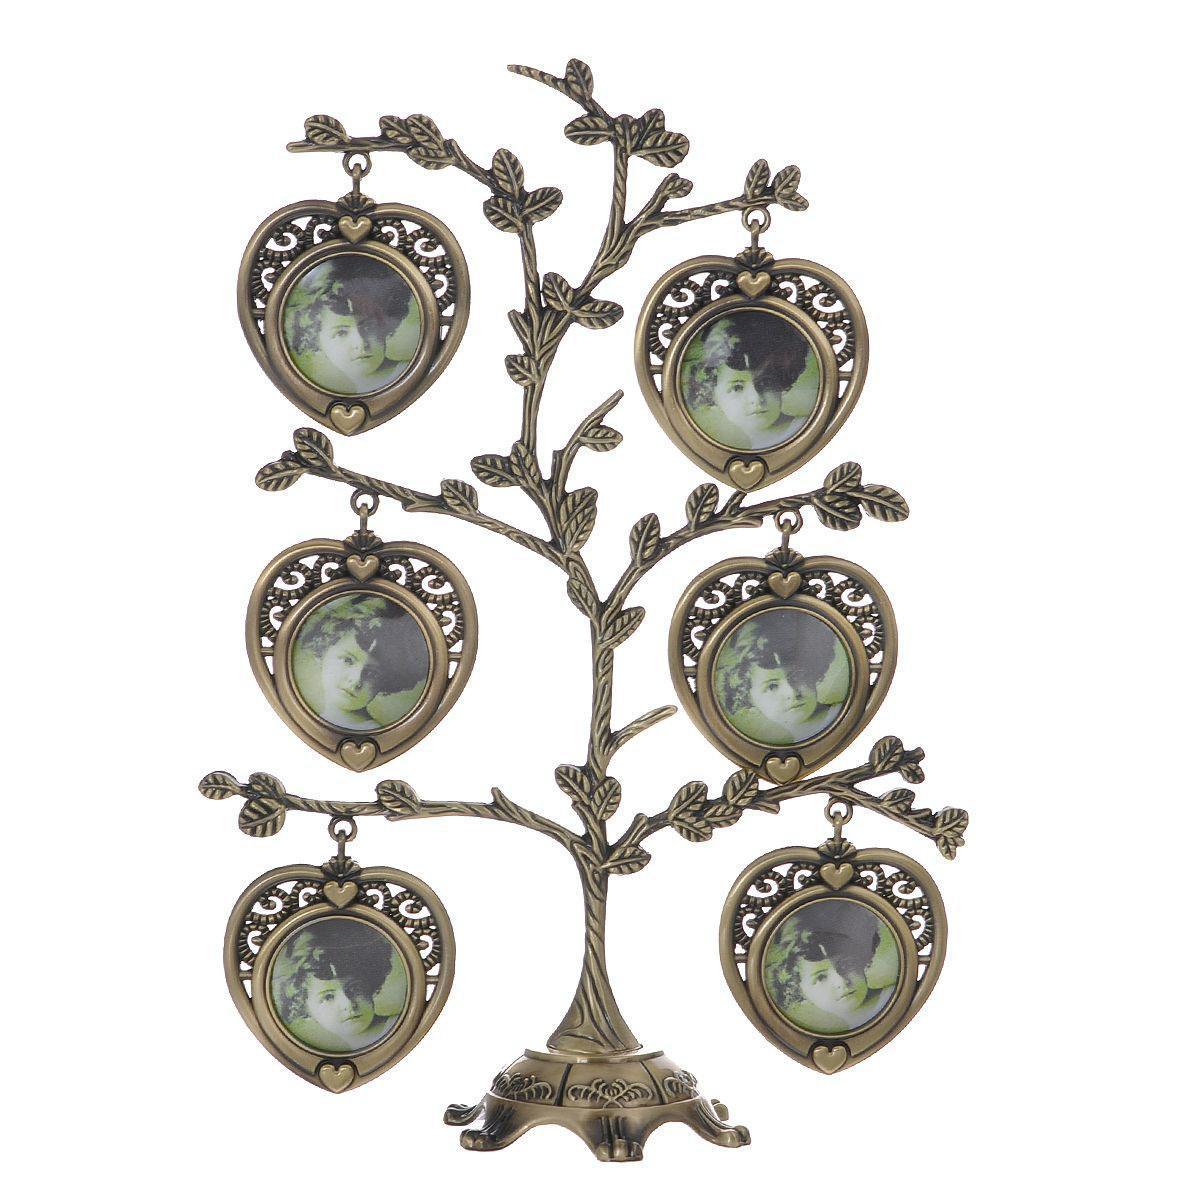 Декоративная фоторамка-дерево Сердце, цвет: бронзовый, на 7 фото, 4 х 4 см 264062264062Декоративная фоторамка-дерево Сердце выполнена из сплава цинка бронзового цвета. На подставку в виде деревца подвешиваются семь рамочек в форме сердца, оформленных в ретро-стиле. Изысканная и эффектная, эта потрясающая рамочка покорит своей красотой и изумительным качеством исполнения. Декоративная фоторамка Дерево не только украсит интерьер помещения, но и поможет разместить фото всей вашей семьи. Характеристики: Материал: металл (сплав цинка), пластик. Цвет: бронзовый. Общий размер фоторамки (ШхВ): 17 см х 23 см. Диаметр основания: 7 см. Количество фотографий: 7 шт. Размер фотографий: 4 см х 4 см. Размер упаковки: 21 см х 32,5 см х 4,5 см. Артикул: 264062.